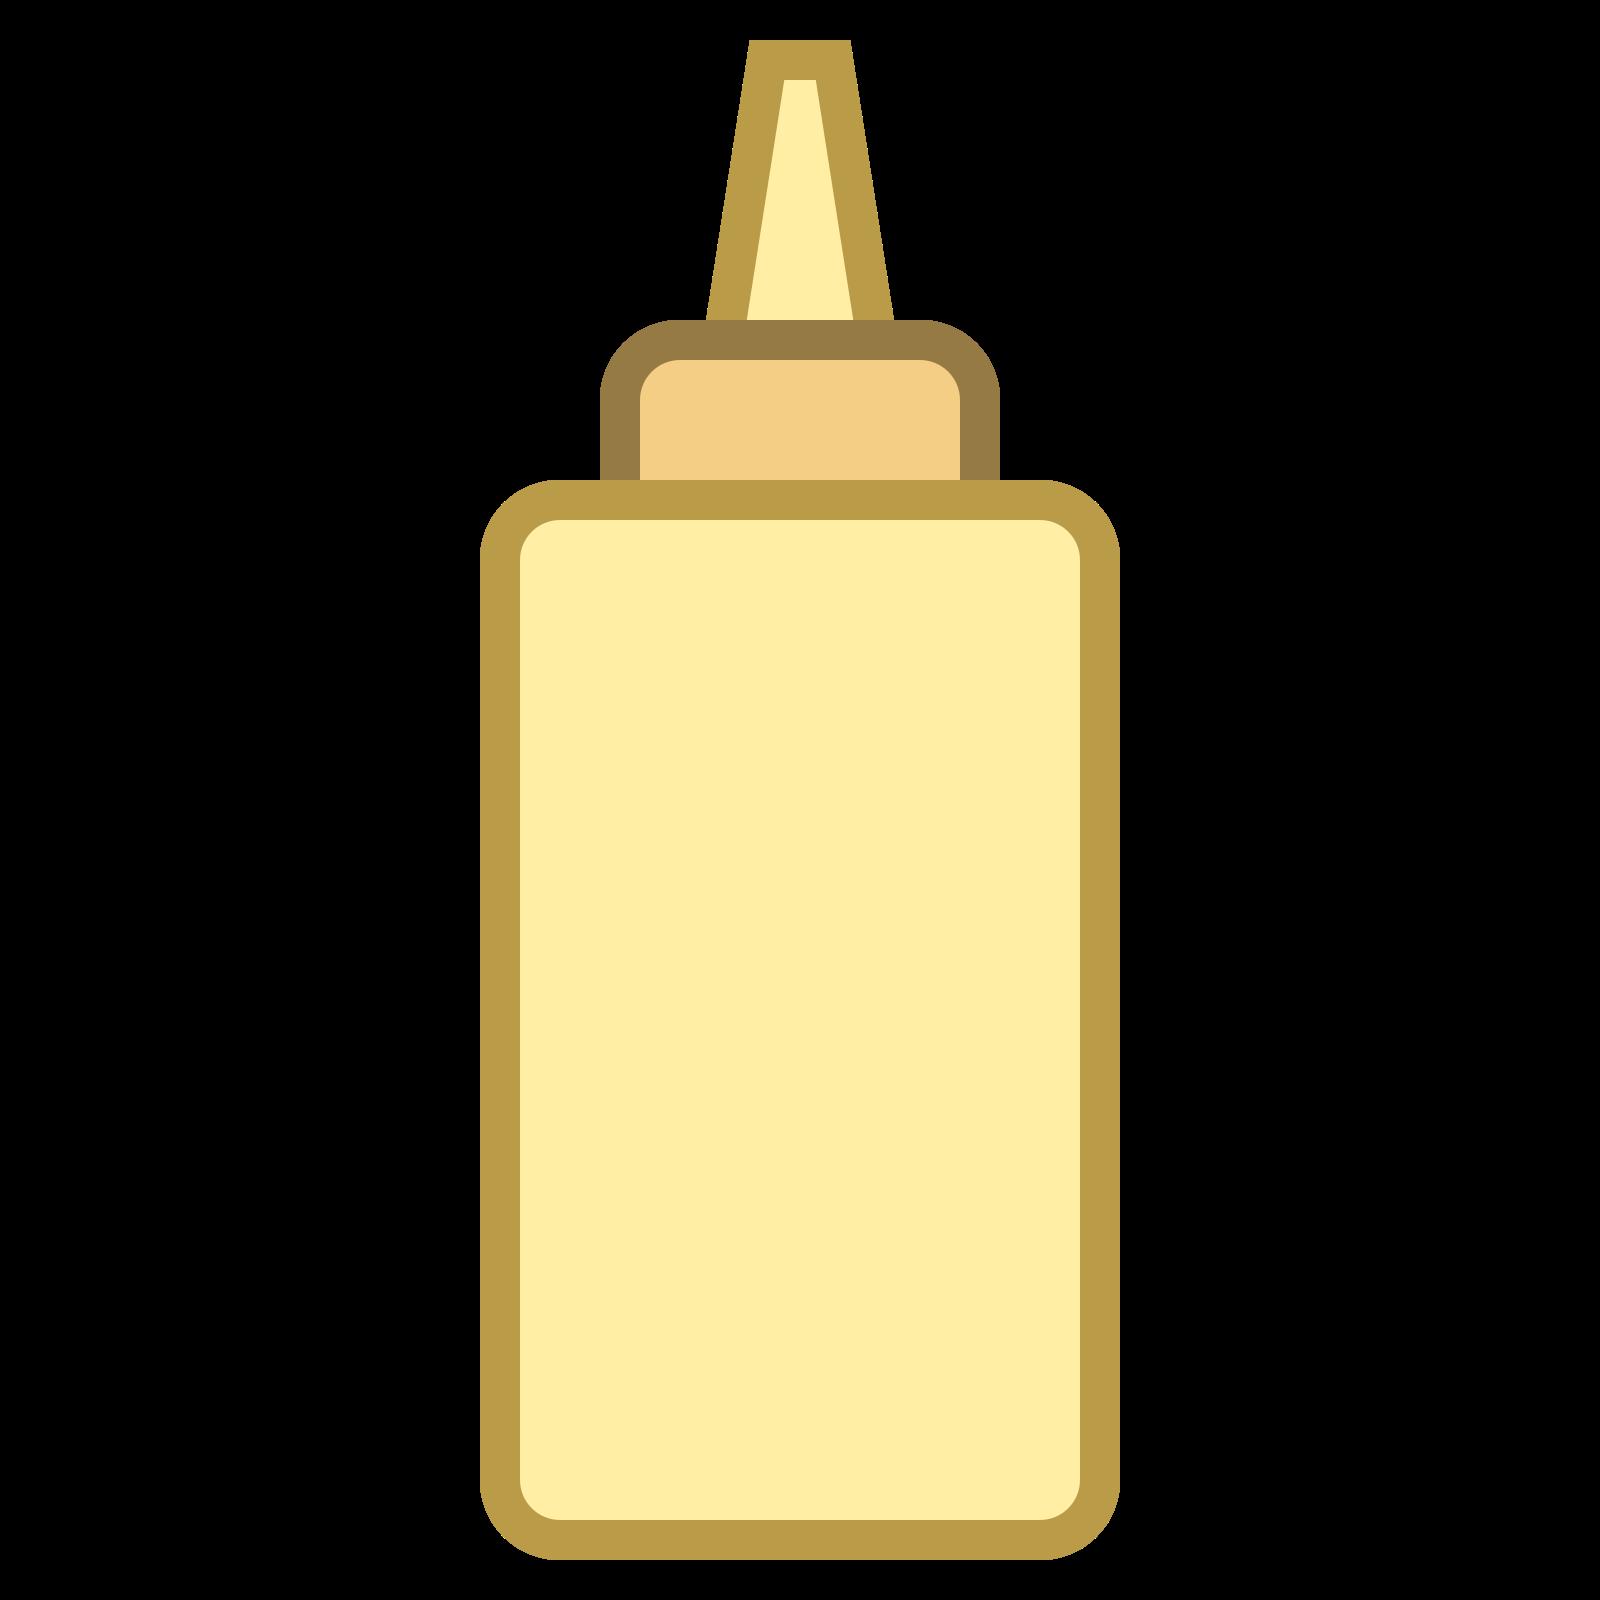 Musztarda icon